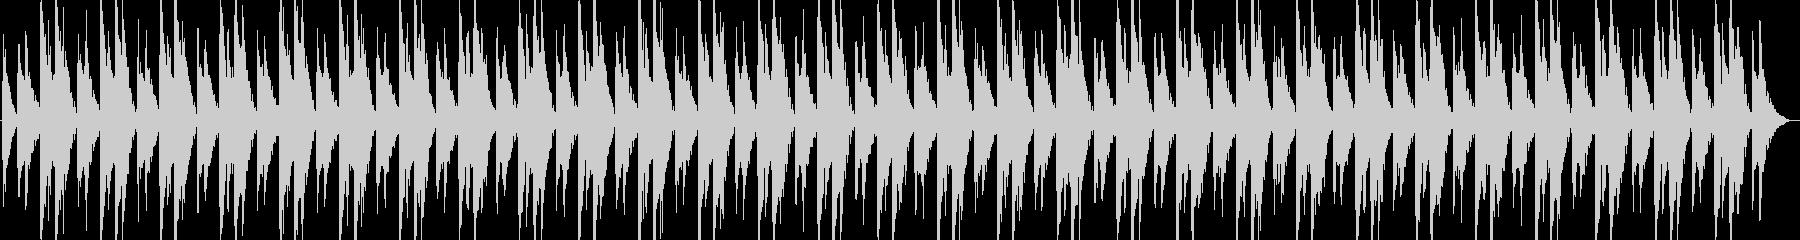 シーケンス 面白いシンセシーケンス01の未再生の波形